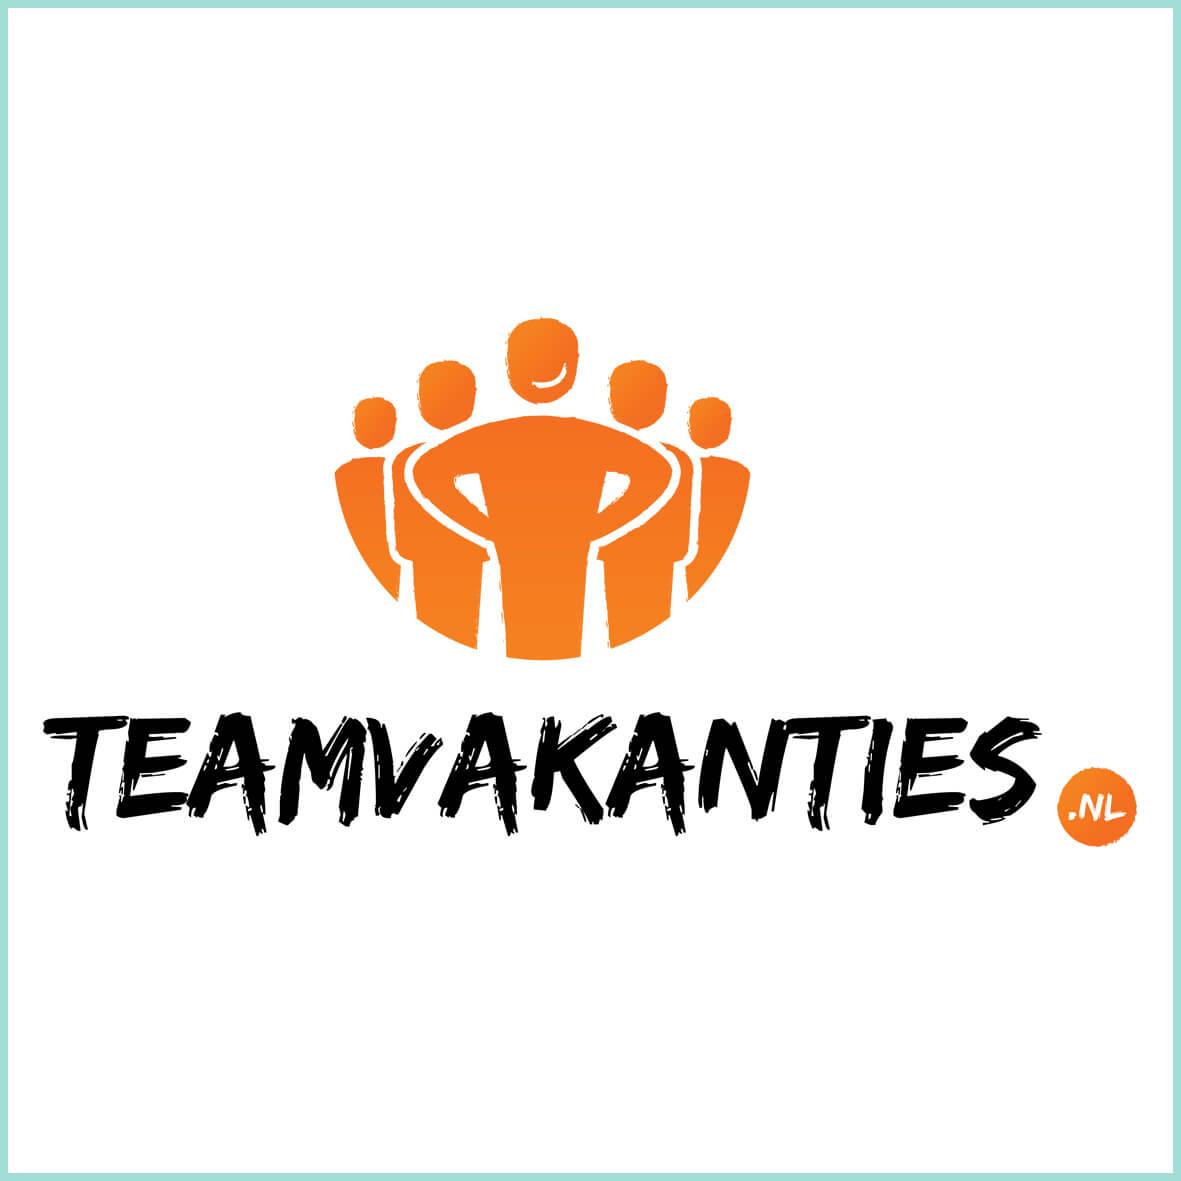 Teamvakanties_ALS_NL